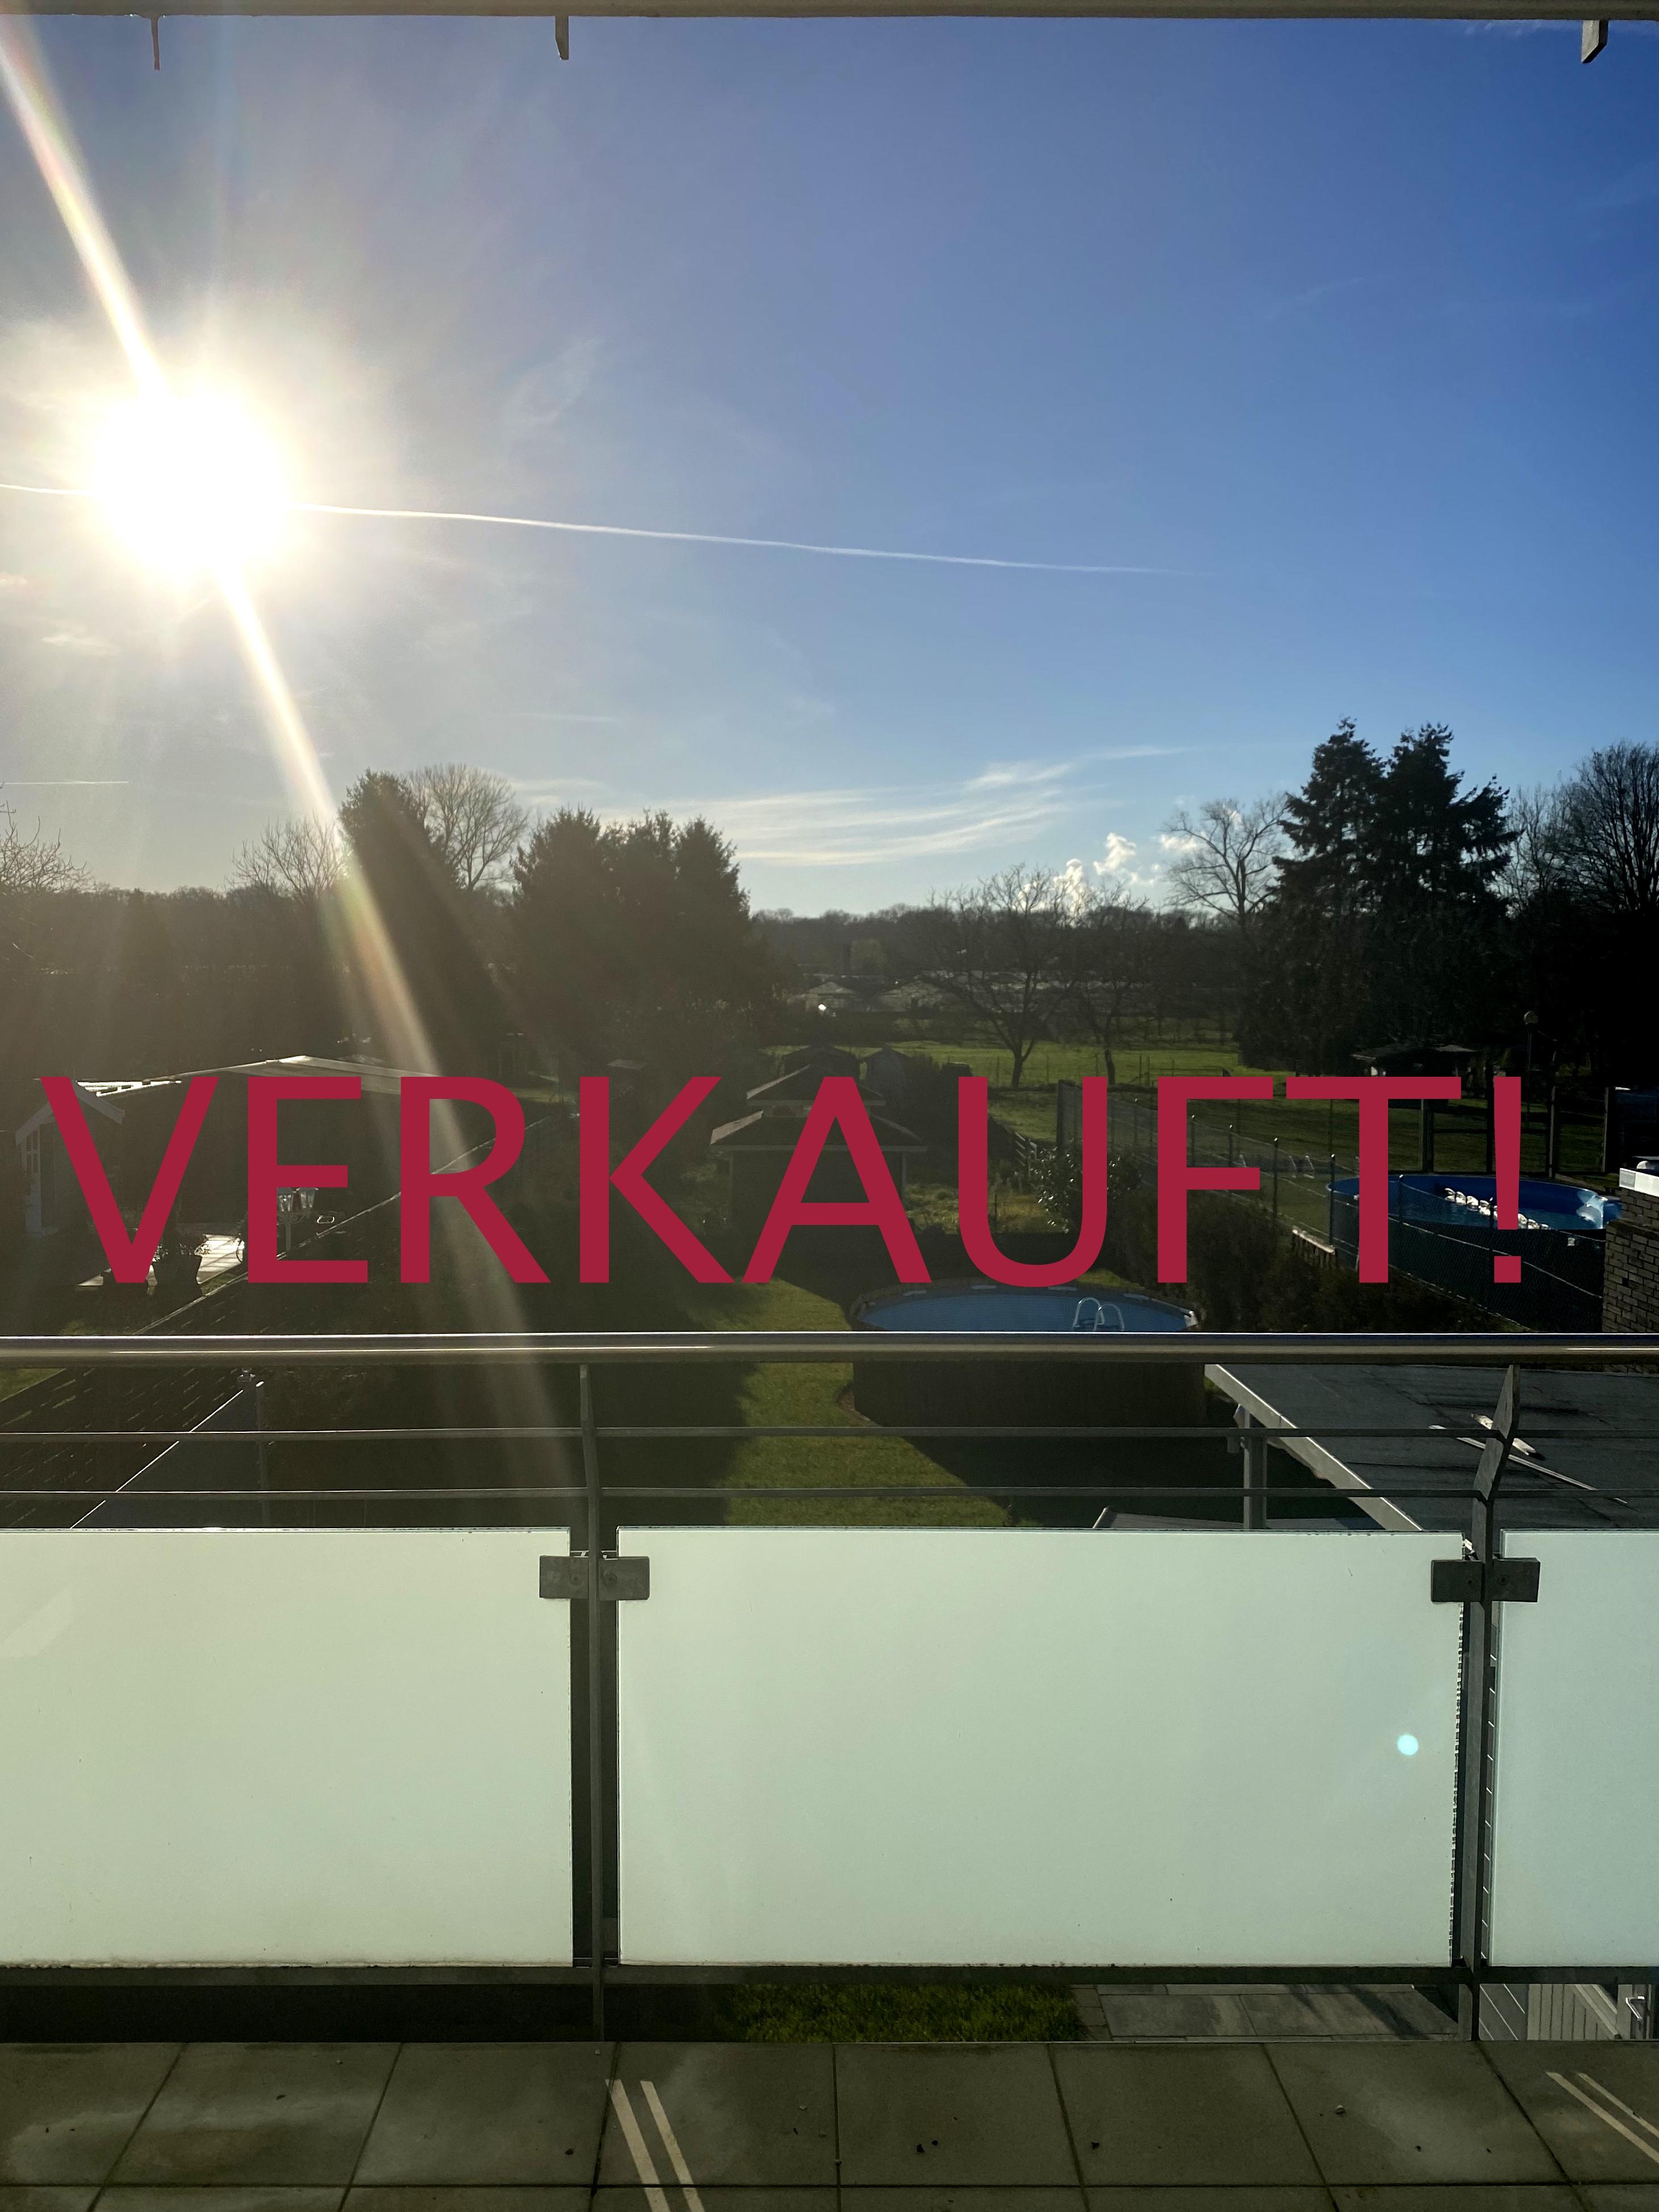 VERKAUFT! Neuwertige Etagenwohnung mit Garage und Garten zur alleinigen Nutzung in Dormagen-Delhoven